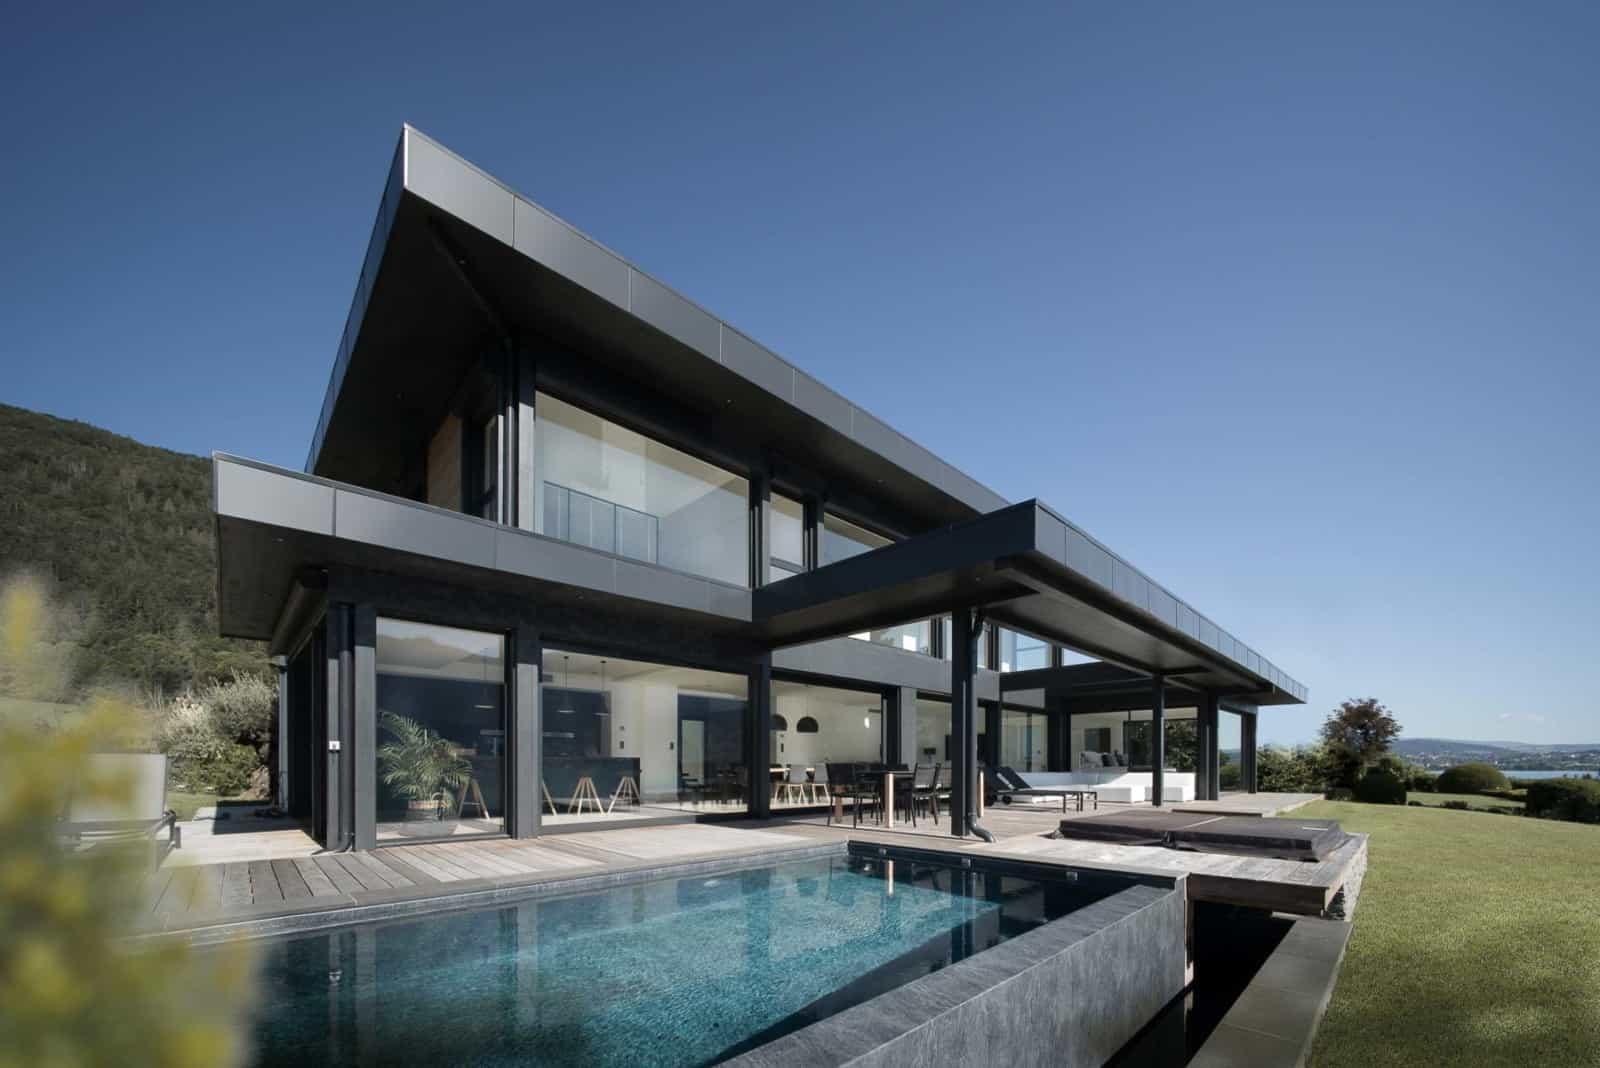 Maison Moderne lac d'Annecy - Maison d'architecte, villa contemporaine - Archidomo